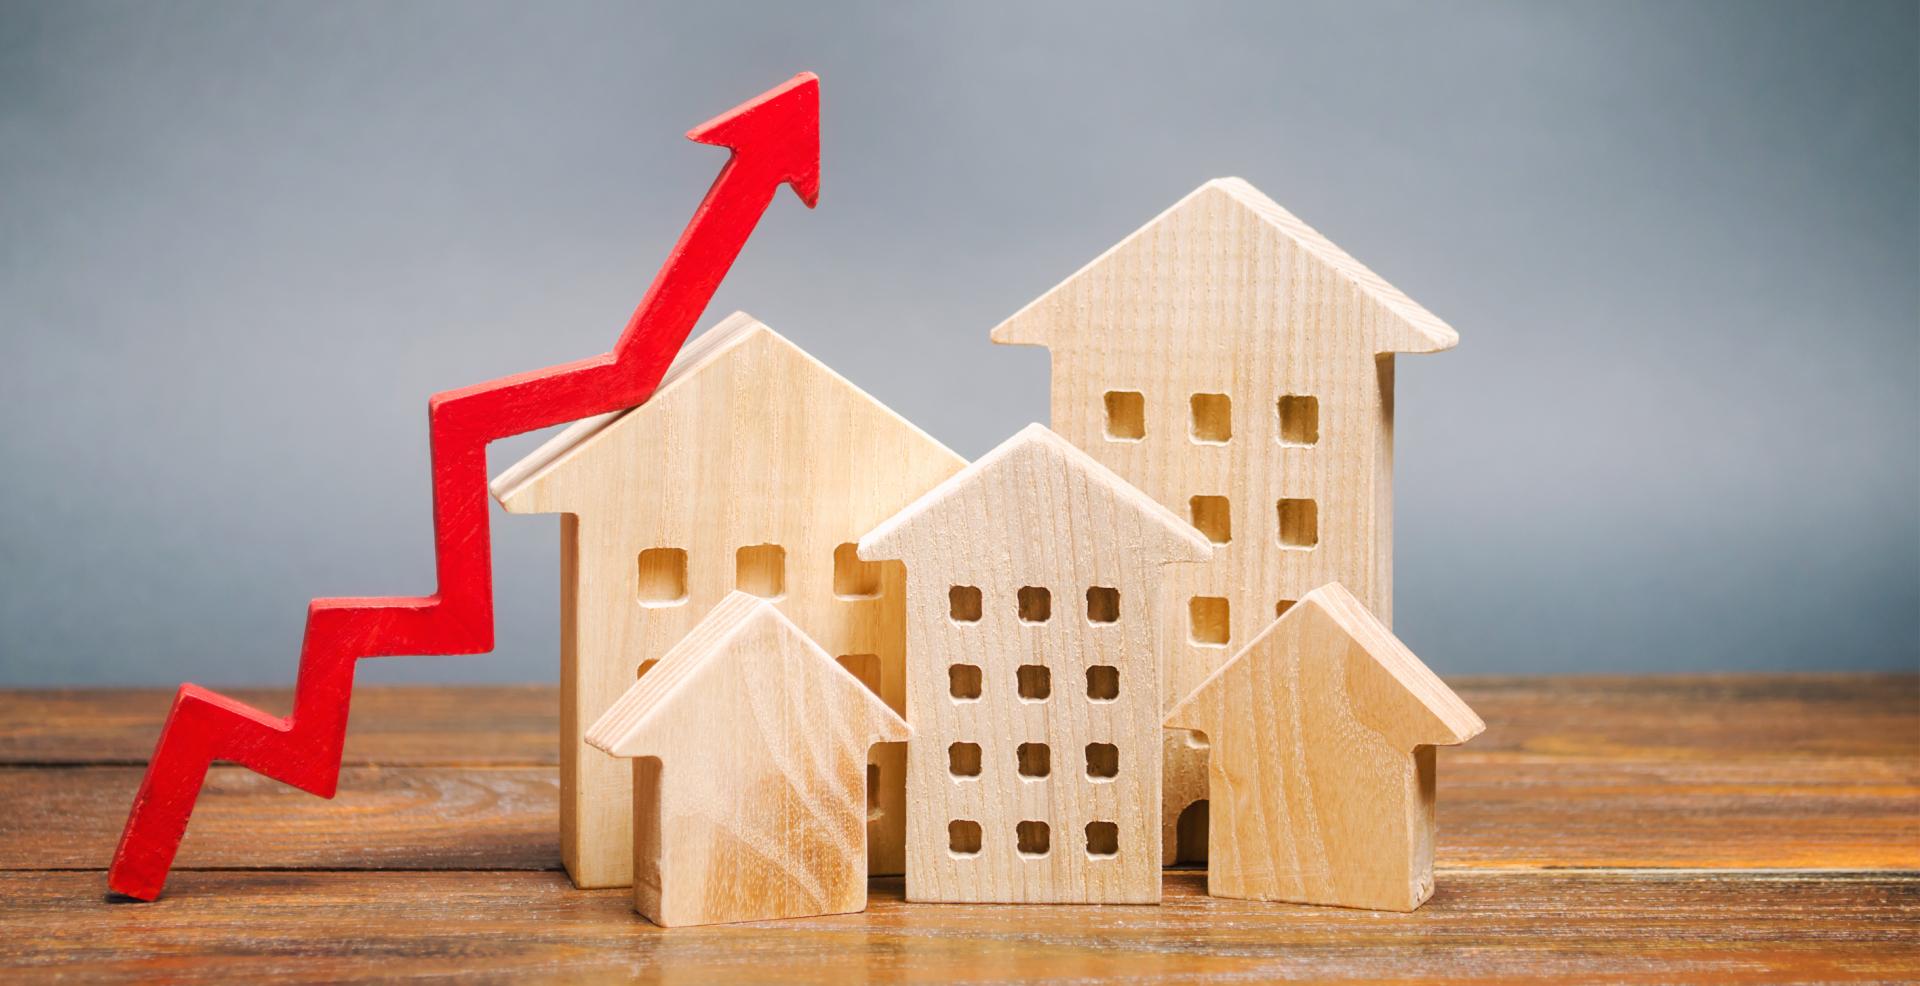 Принятие законопроекта в текущей редакции способствует созданию нового класса недвижимости. Это в свою очередь создаст условия для роста цен на апартаменты с новым статусом (то есть будущих проектов)